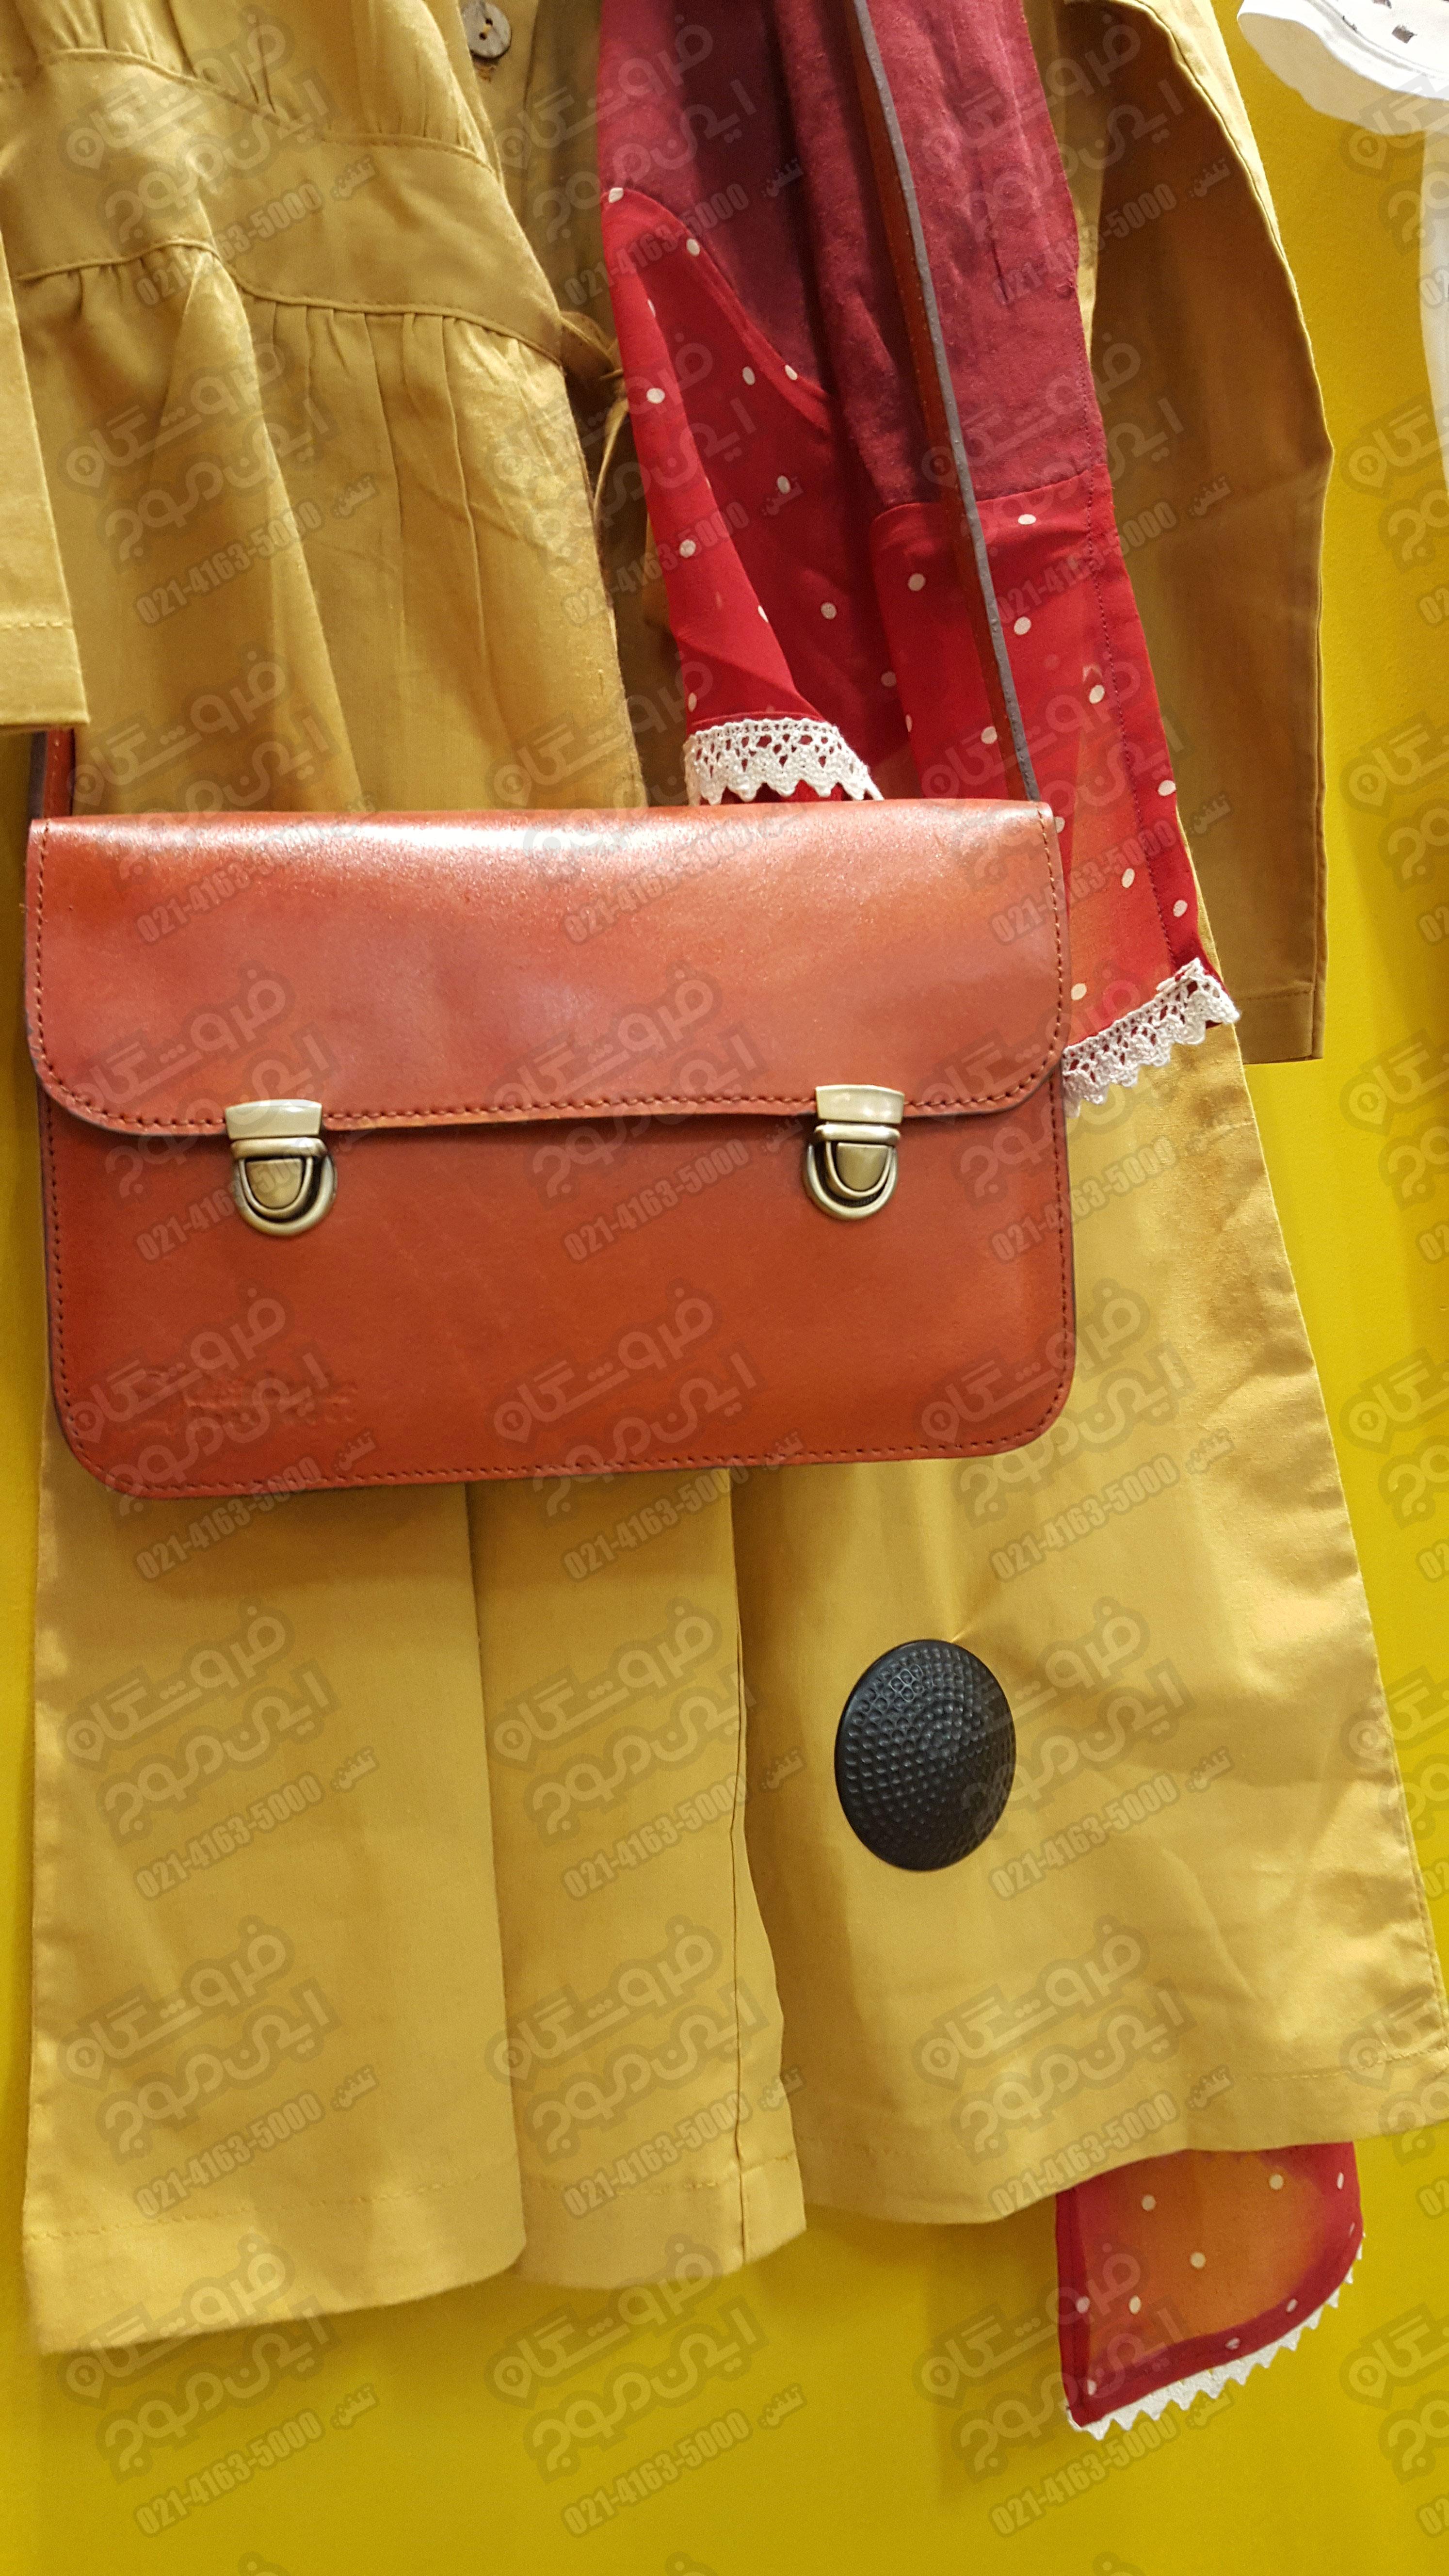 تگ-امنیتی-ای-ام-نوع-گلفی-بر-روی-لباس-زرد-زنانه-در-لباس-فروشی